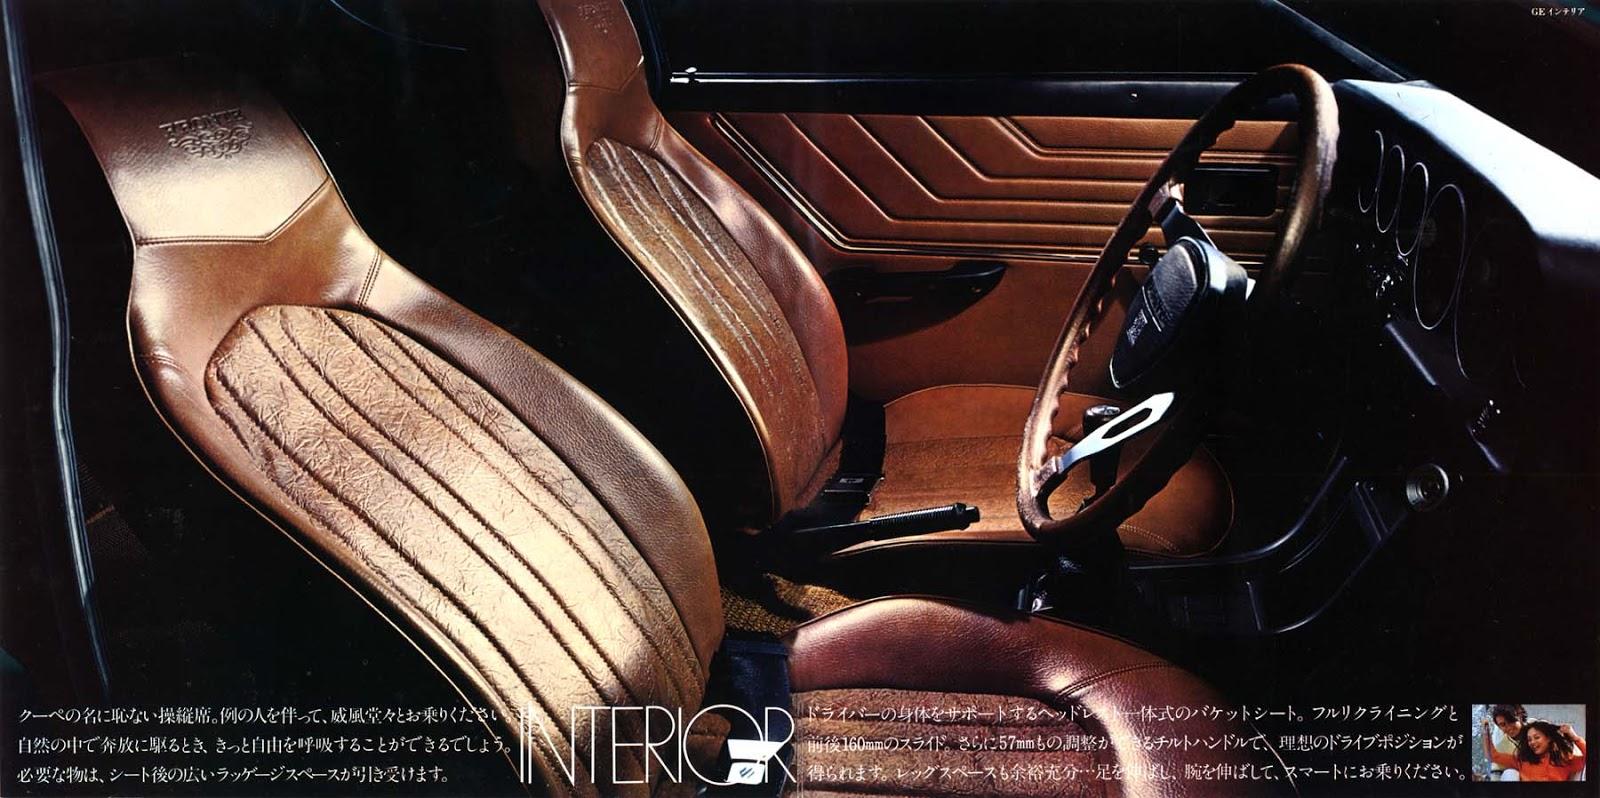 suzuki fronte coupe, małe auto, środek, wnętrze, interior, kei car, japońskie klasyki, samochody z lat 70